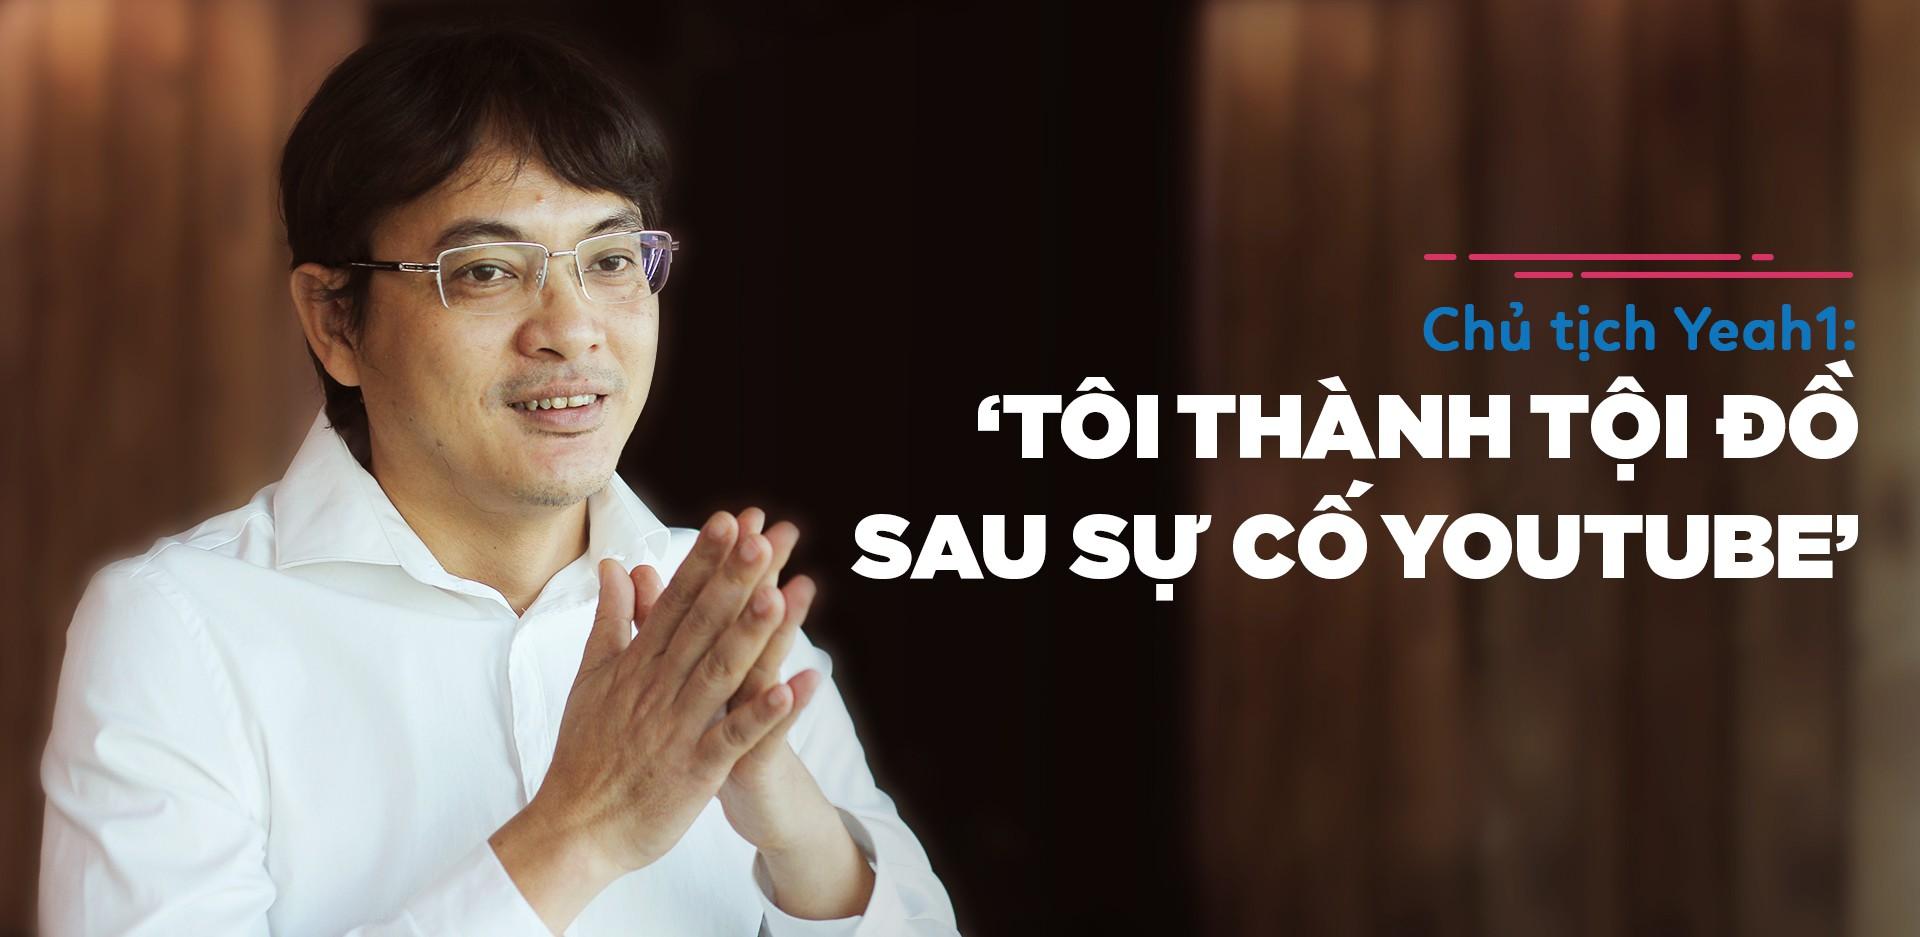 Chủ tịch Yeah1: 'Tôi thành tội đồ sau sự cố YouTube' - Ảnh 1.